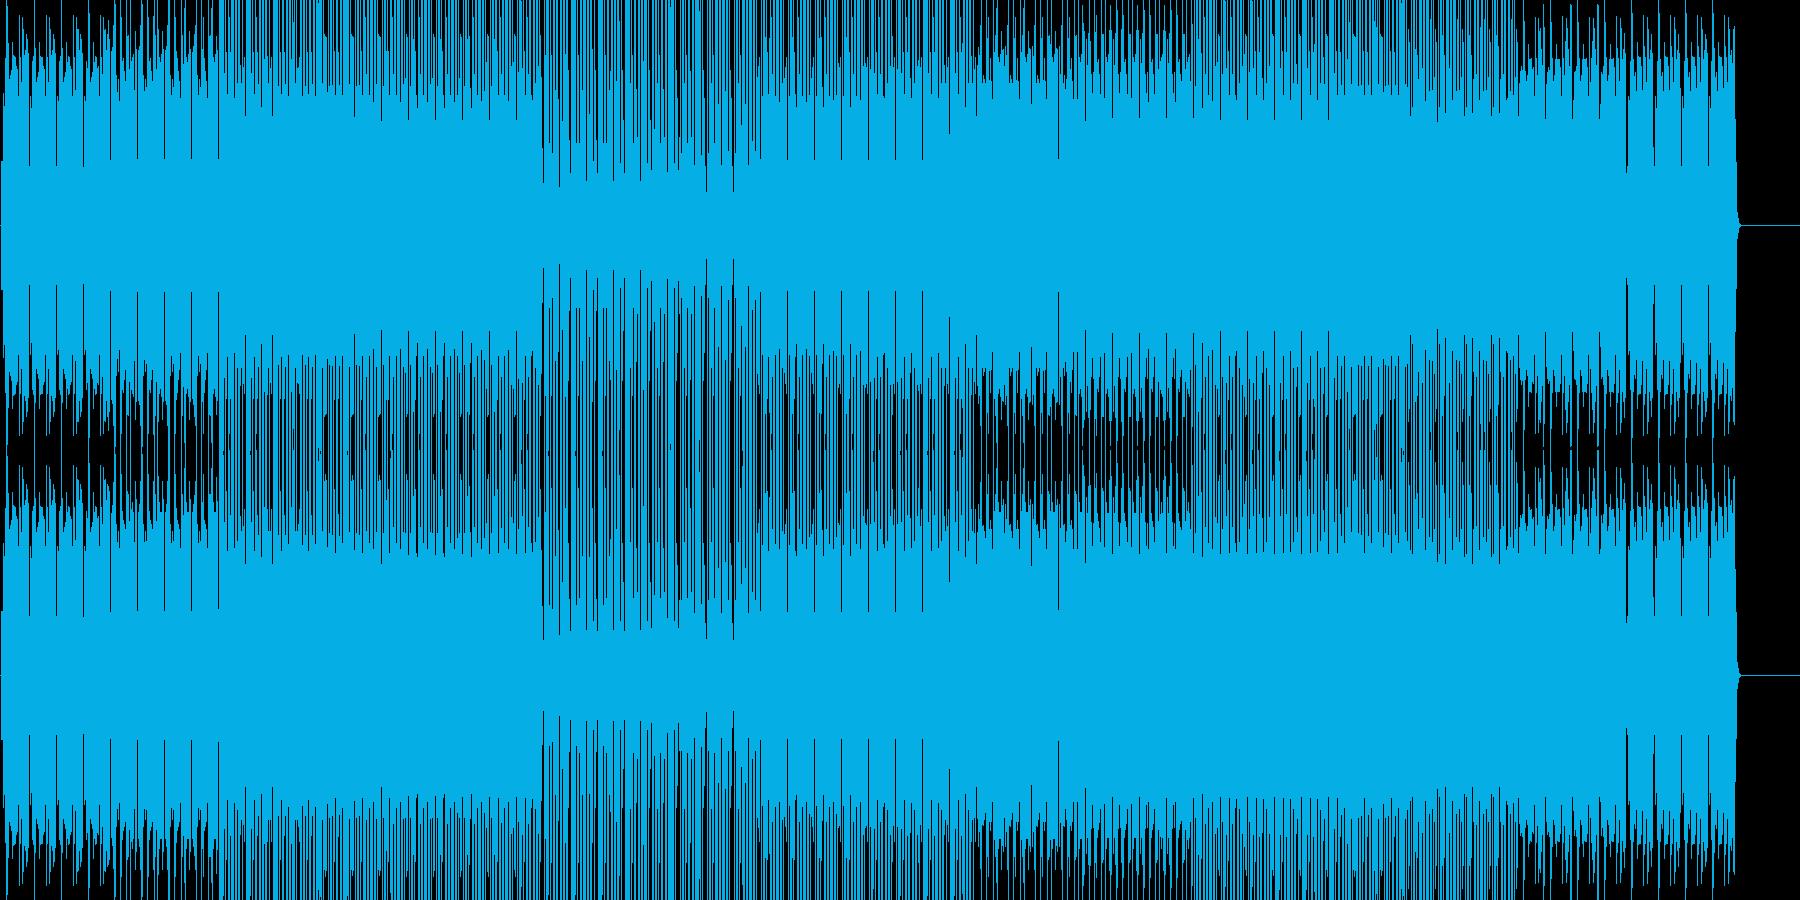 ほのぼのフォークトロニカ  映像 BGMの再生済みの波形